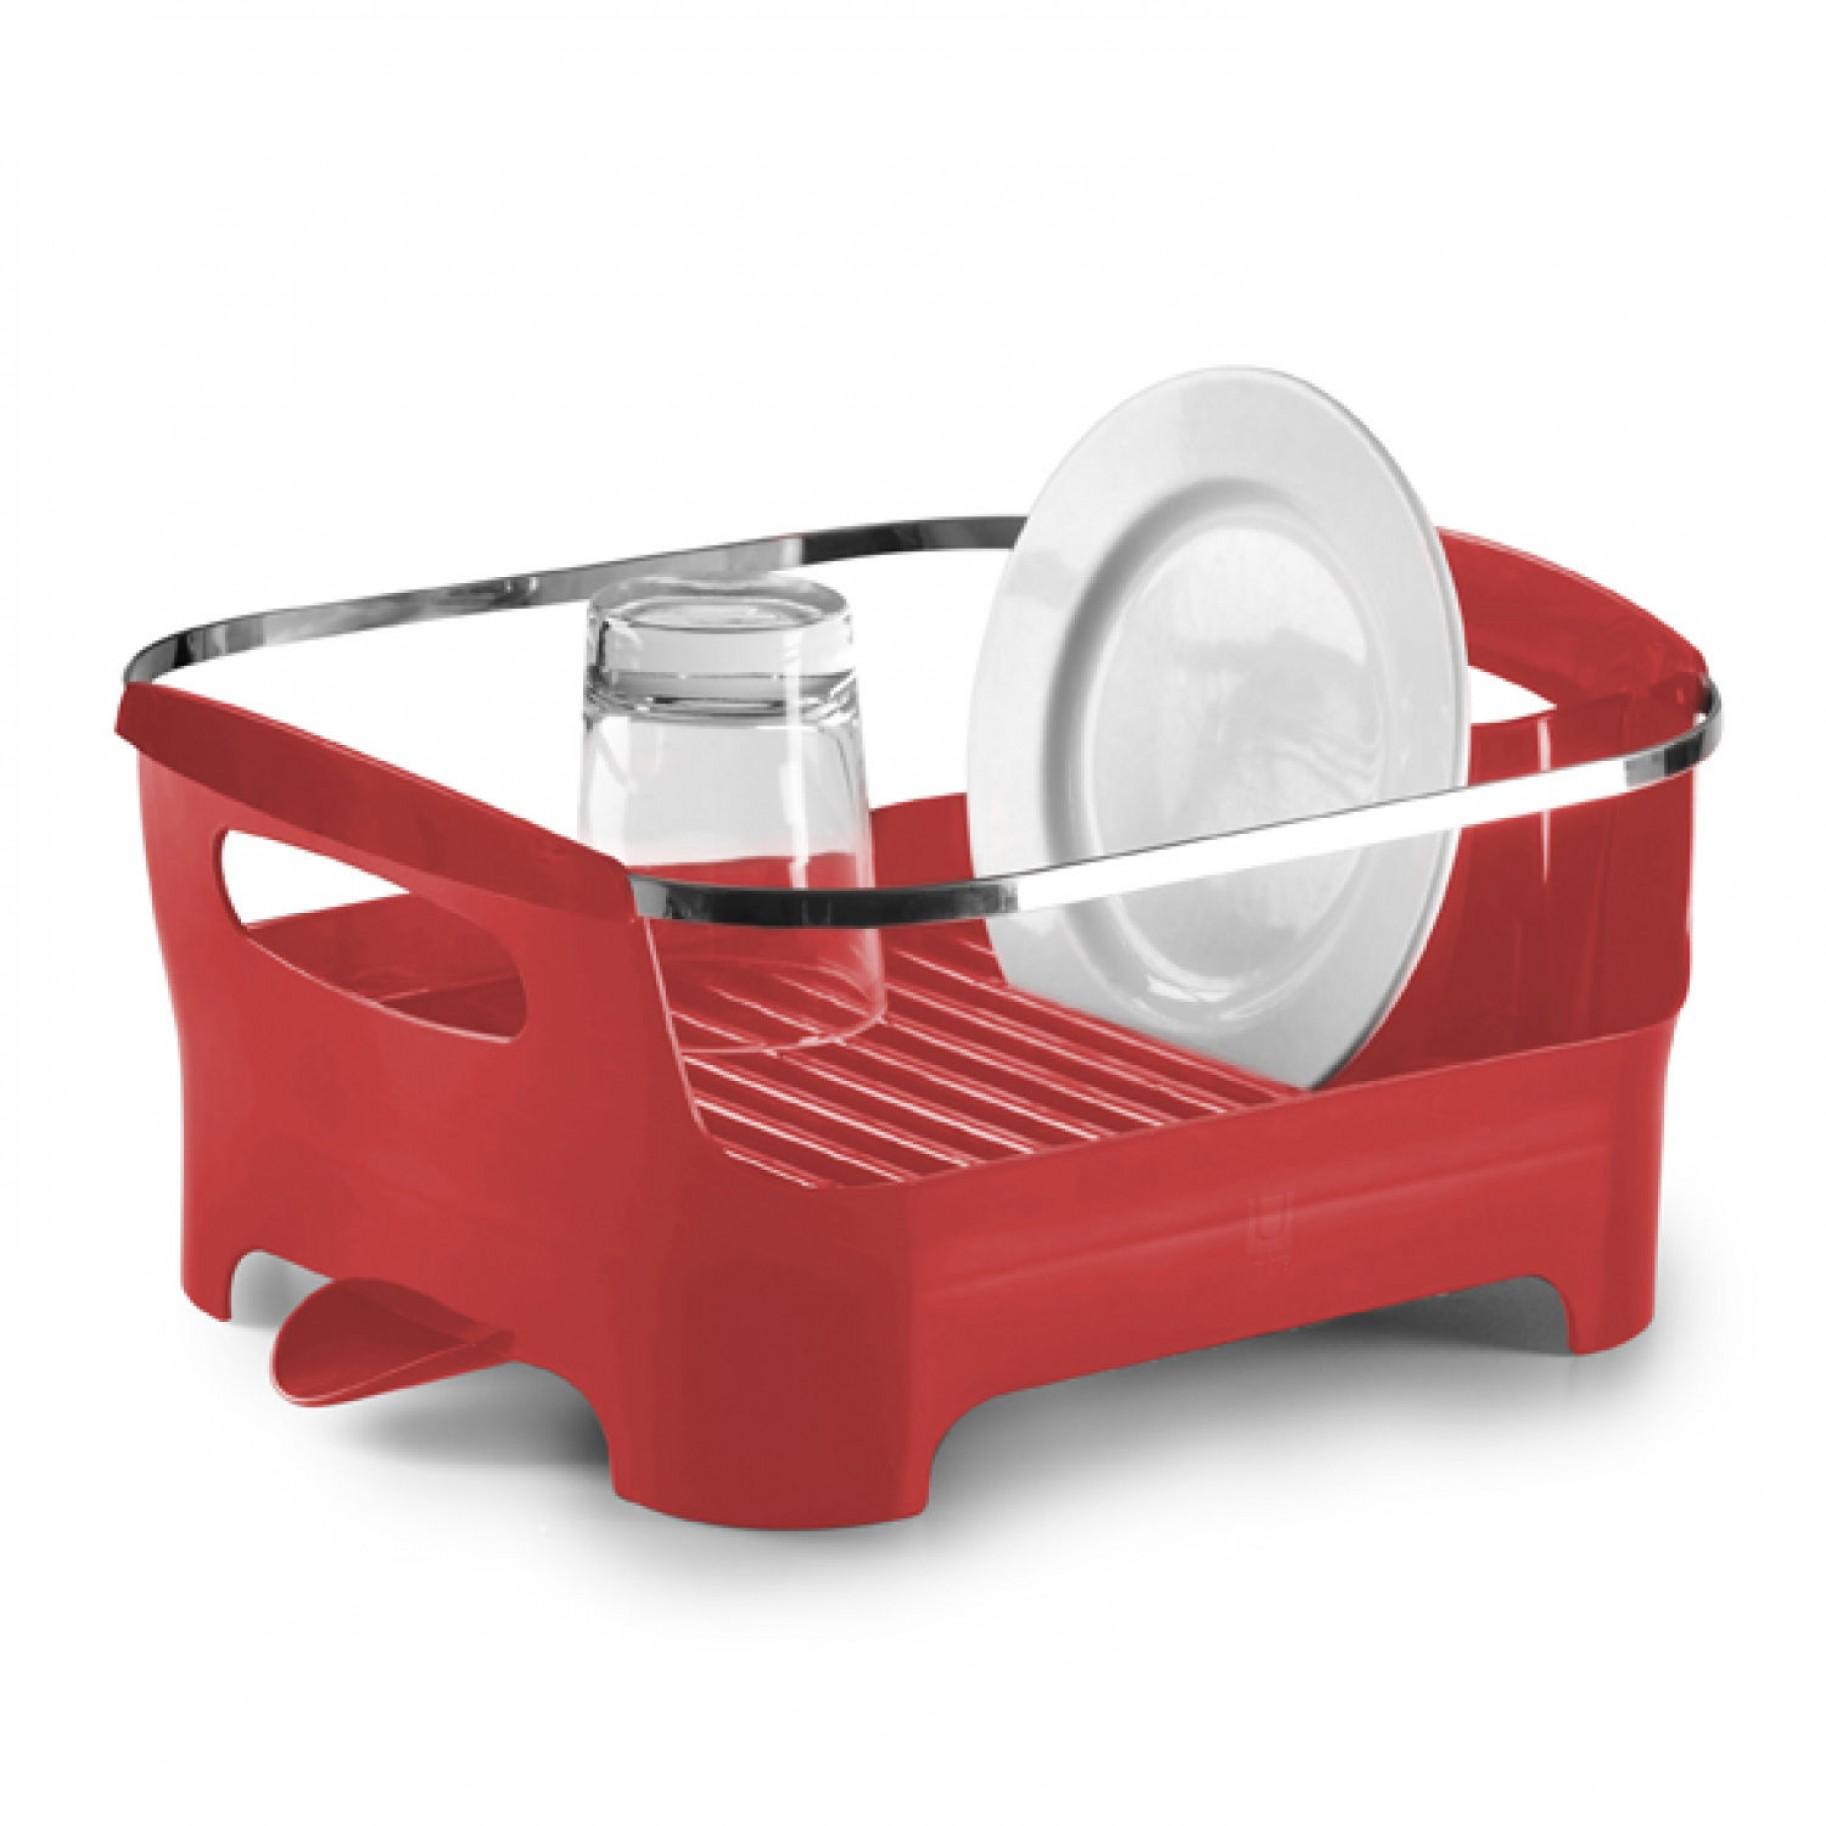 Сушилка для посуды Umbra Basin, цвет: красный, 38 х 33 х 17 см330591-505Сушилка для посуды Umbra Basin изготовлена из высококачественного пластика без содержания вредного бисфенола. Компактный дизайн изделия создает большое пространство для хранения и сушки посуды. Пространство для посуды ограждено бортиком, в котором есть удобные ручки для переноски, а главное, тарелки случайно не выпадут и не разобьются. Вода со свежевымытой посуды через желобки для тарелок стекает вниз, в специальное отделение, где собирается и выводится через носик на боку сушилки. Вы можете поставить ее в раковину или на рабочую поверхность рядом. Размер сушилки: 38 см х 33 см х 17 см.